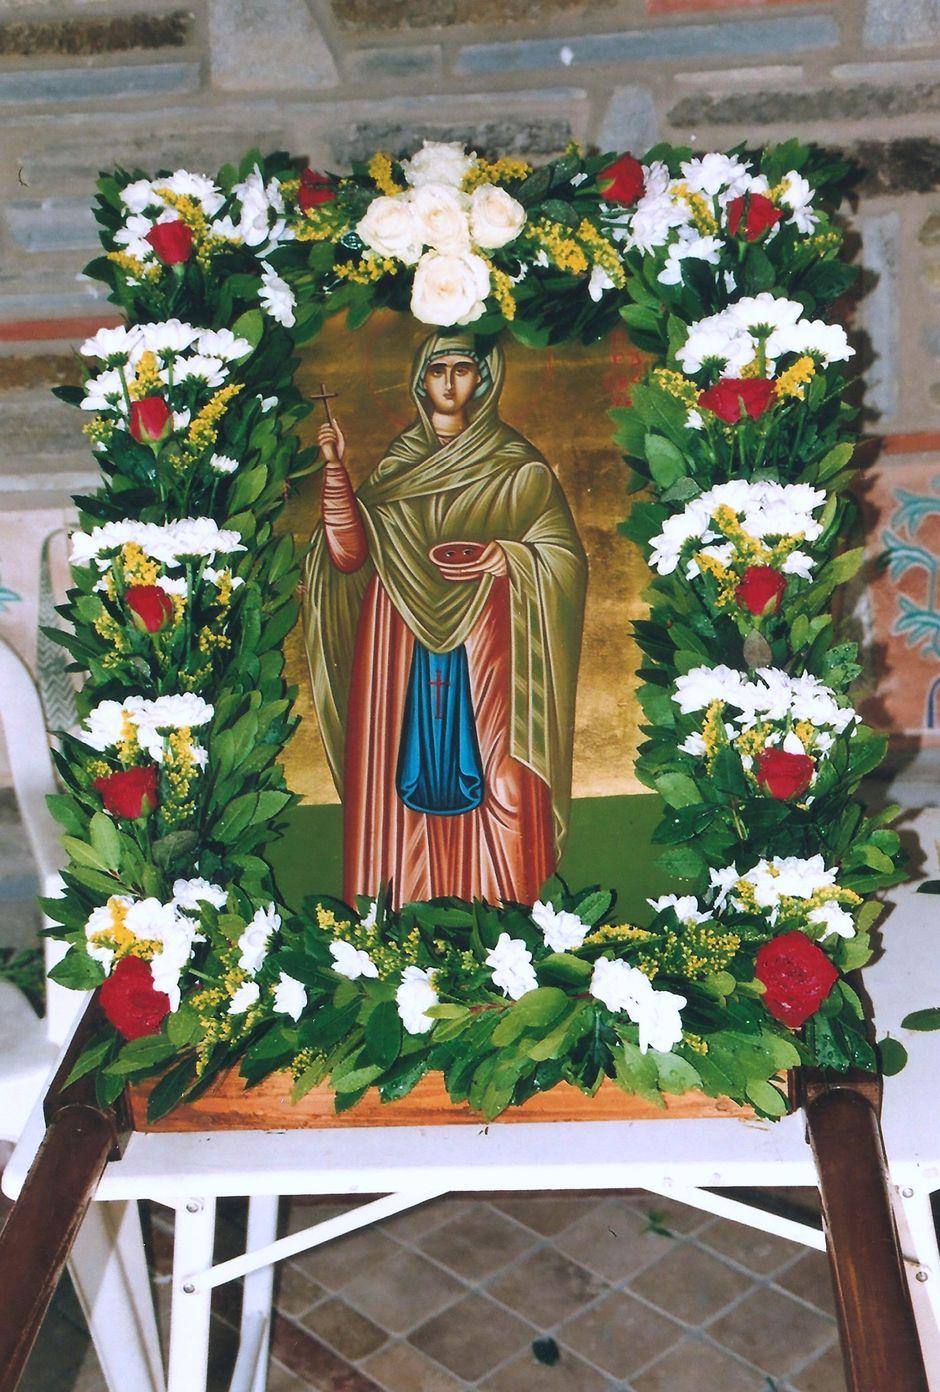 Εικόνα της Αγίας Παρασκευής η οποία γίνεται λιτανεία.